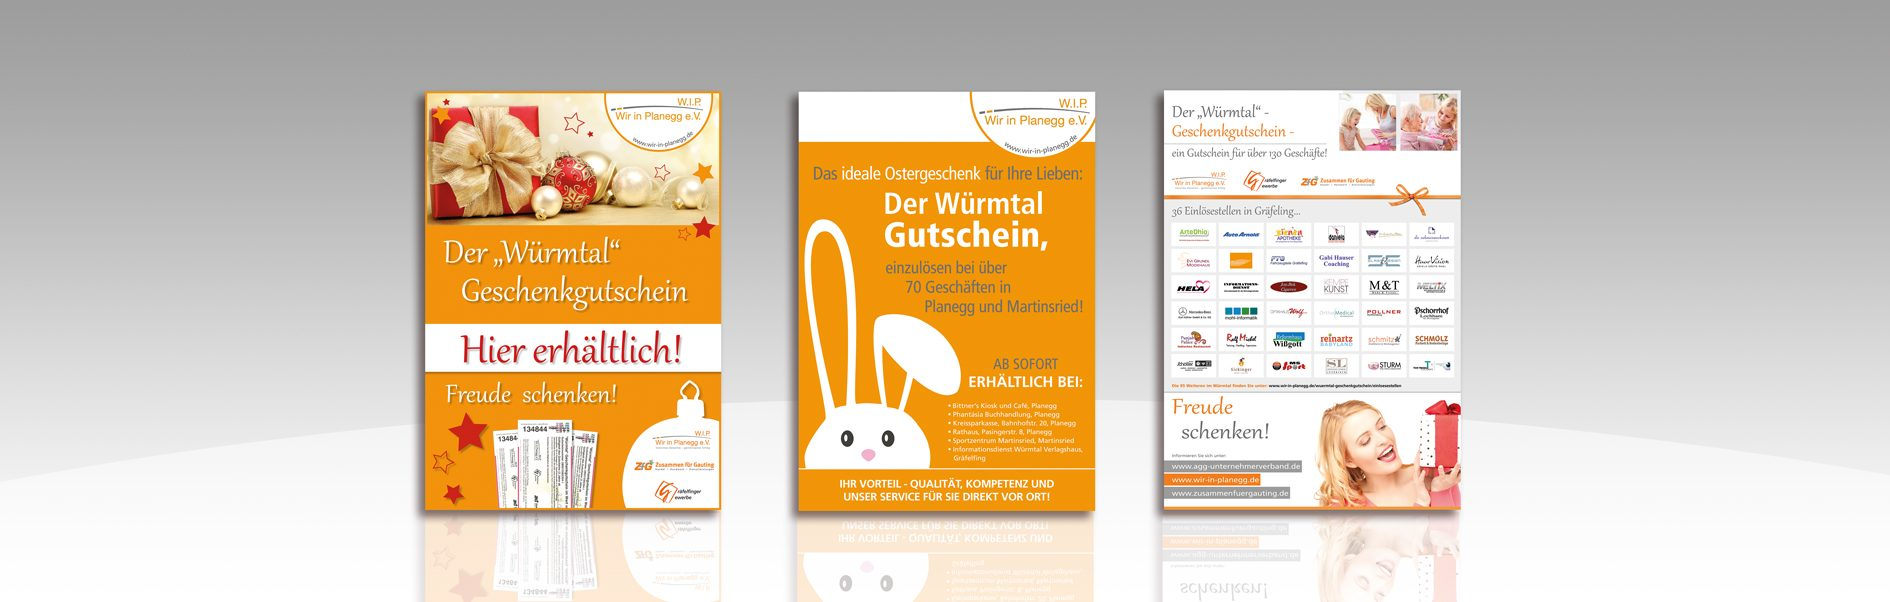 Hier sind verschiedene Plakate von Wir in Planegg abgebildet.